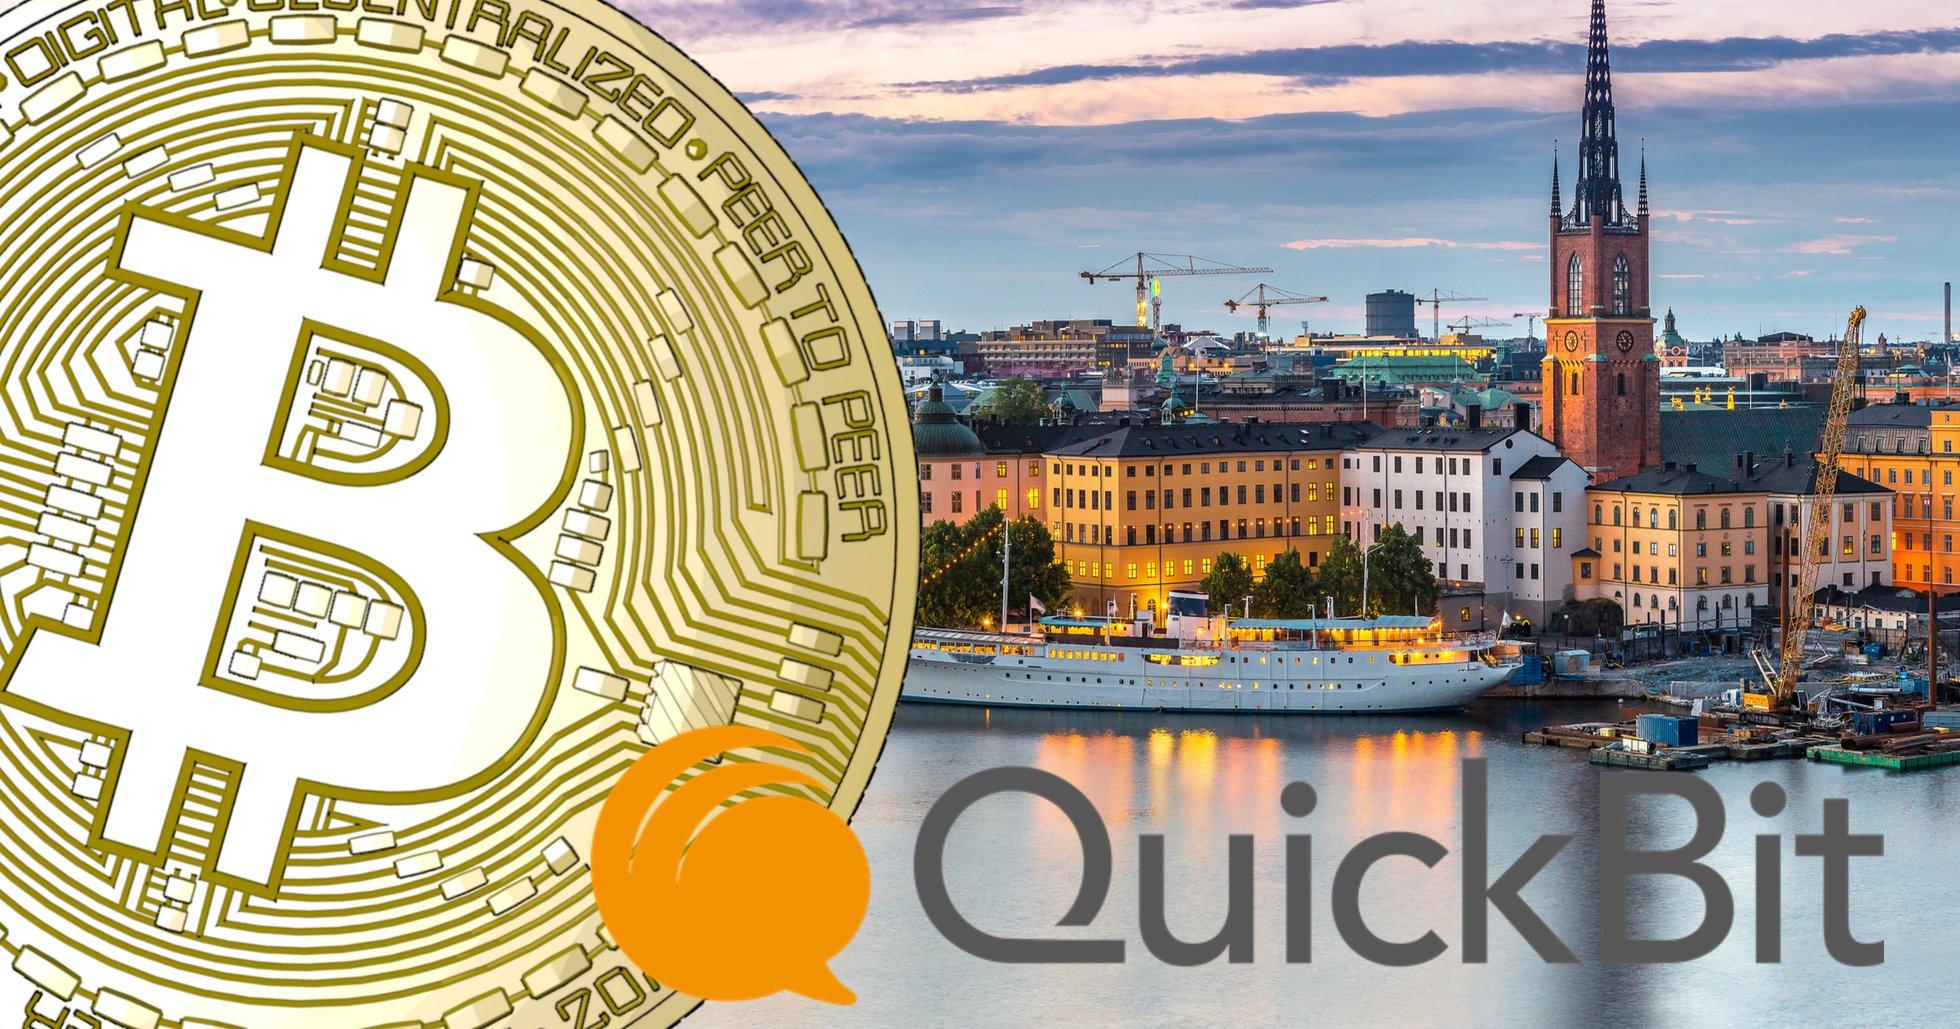 Svenska kryptobolaget Quickbit redovisar rekordsiffror: